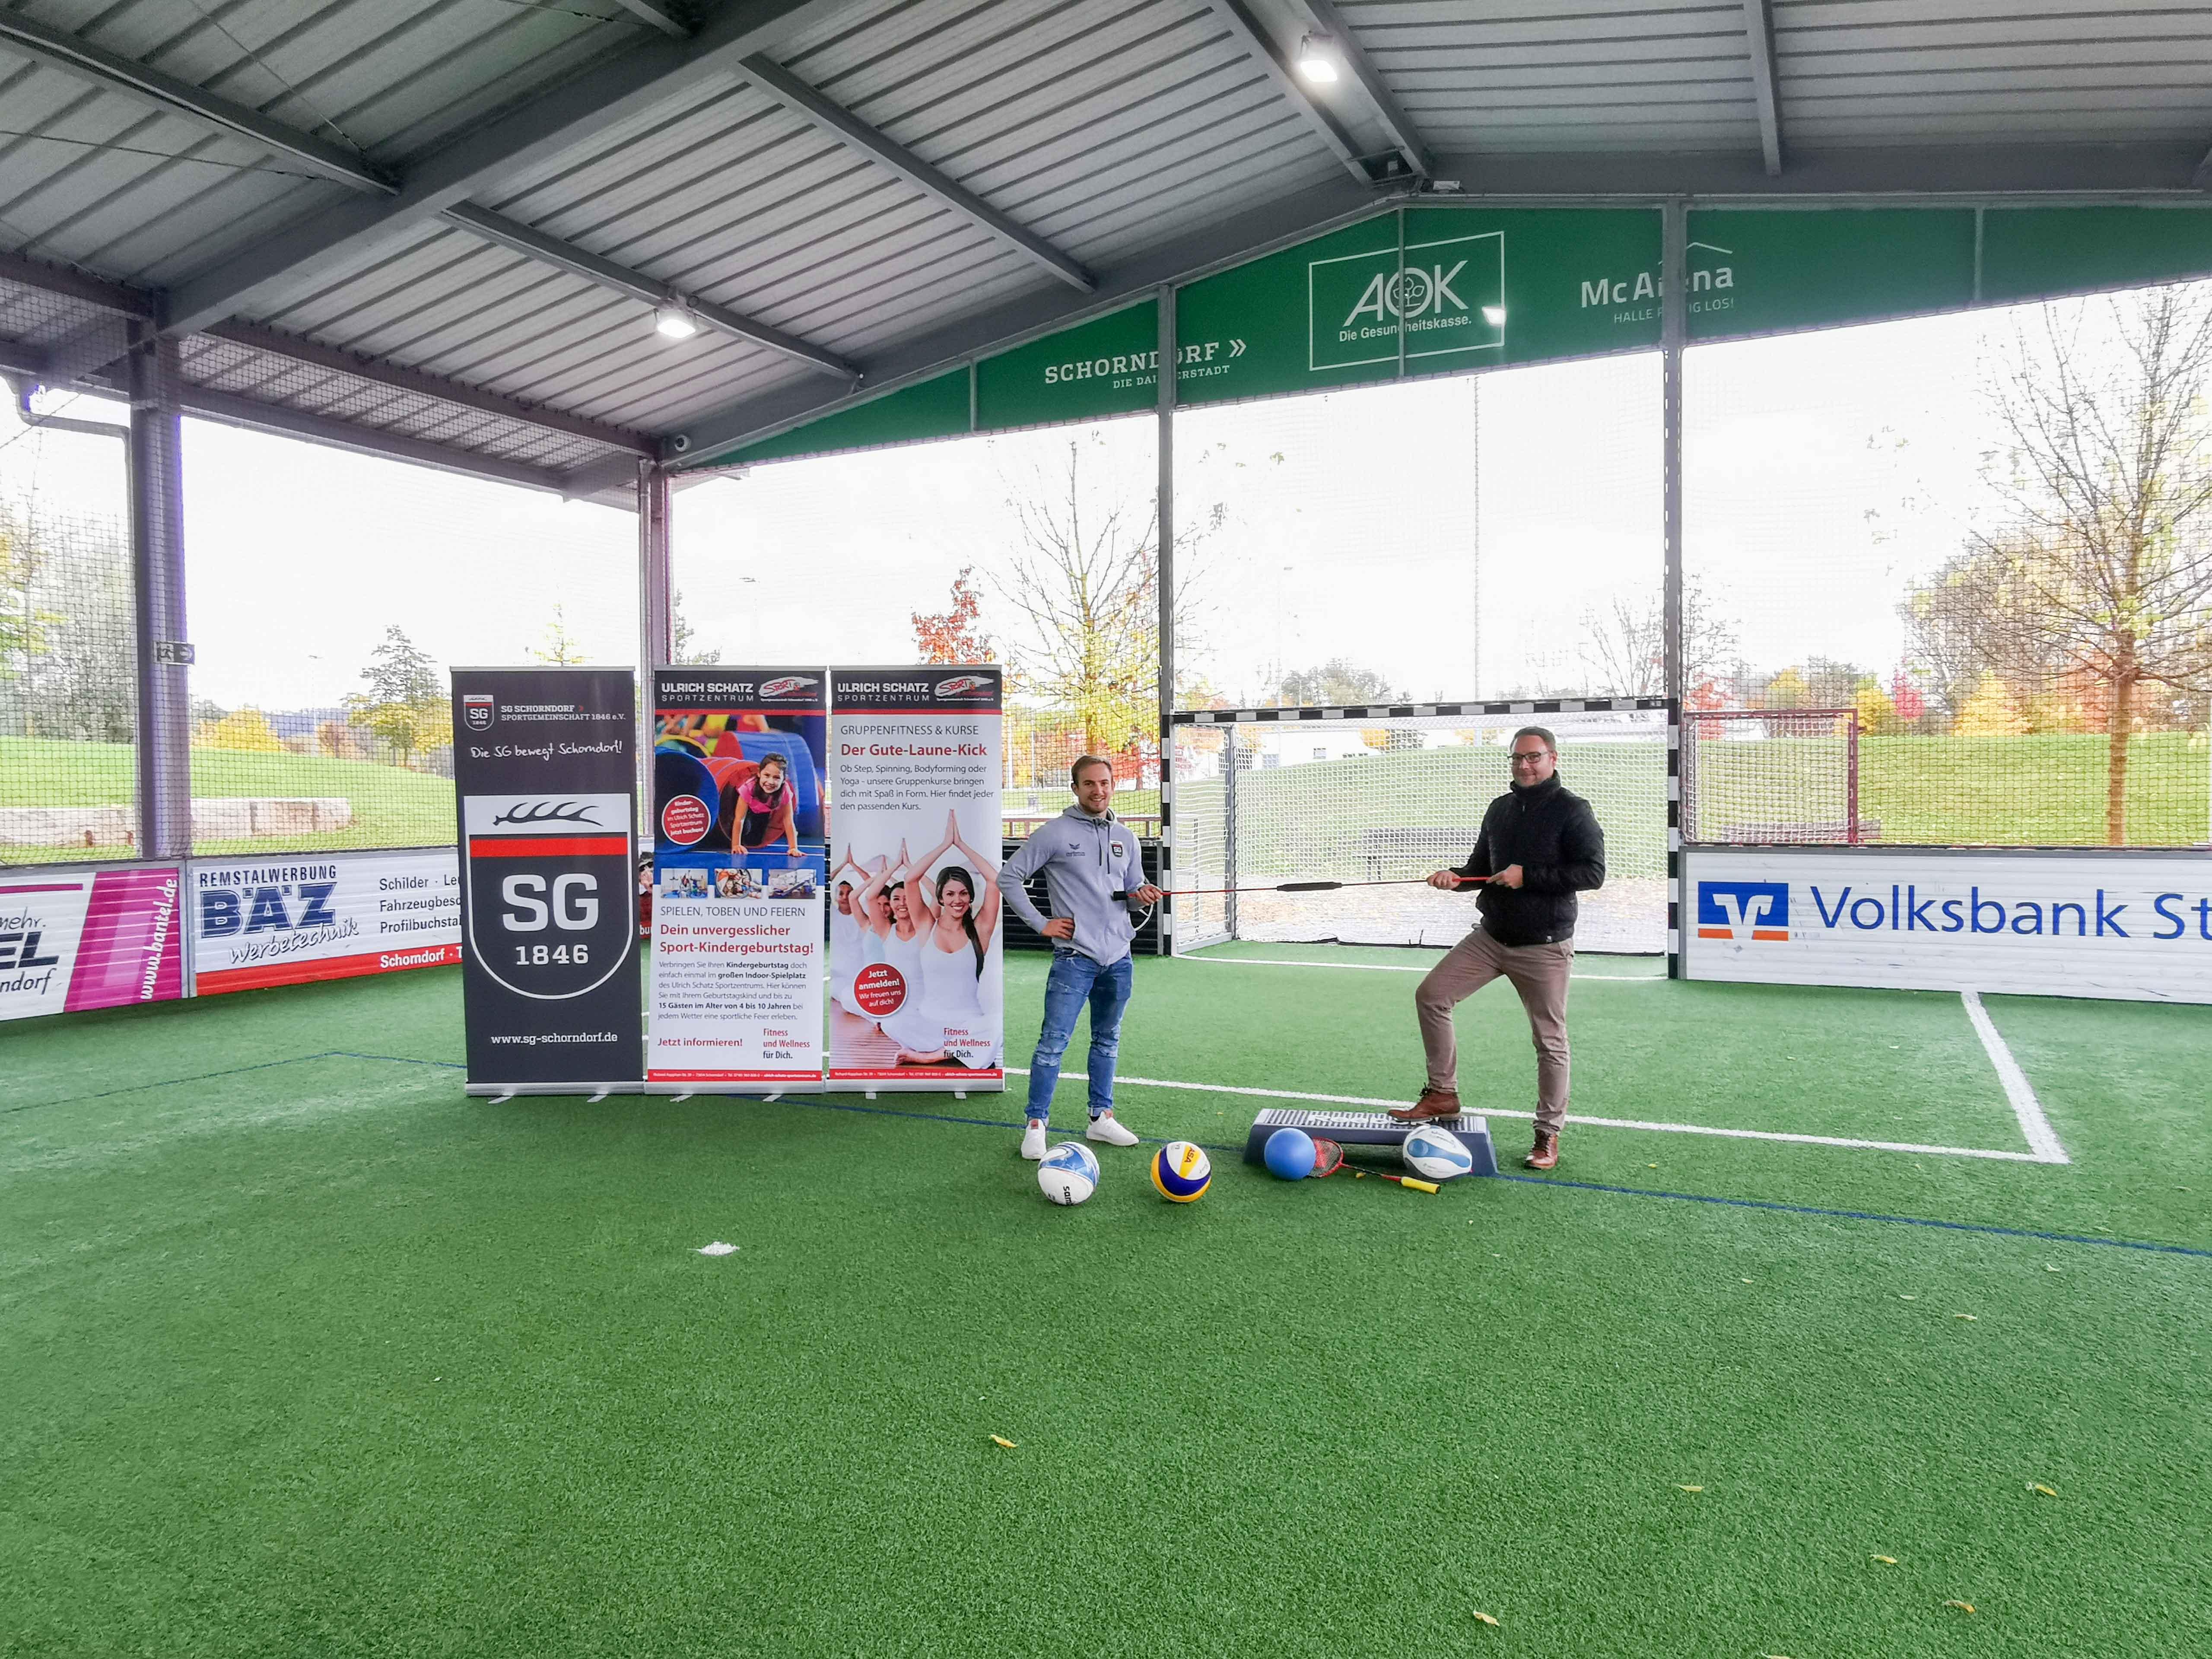 Übergabe der McArena im Sportpark Rems an SG Schorndorf